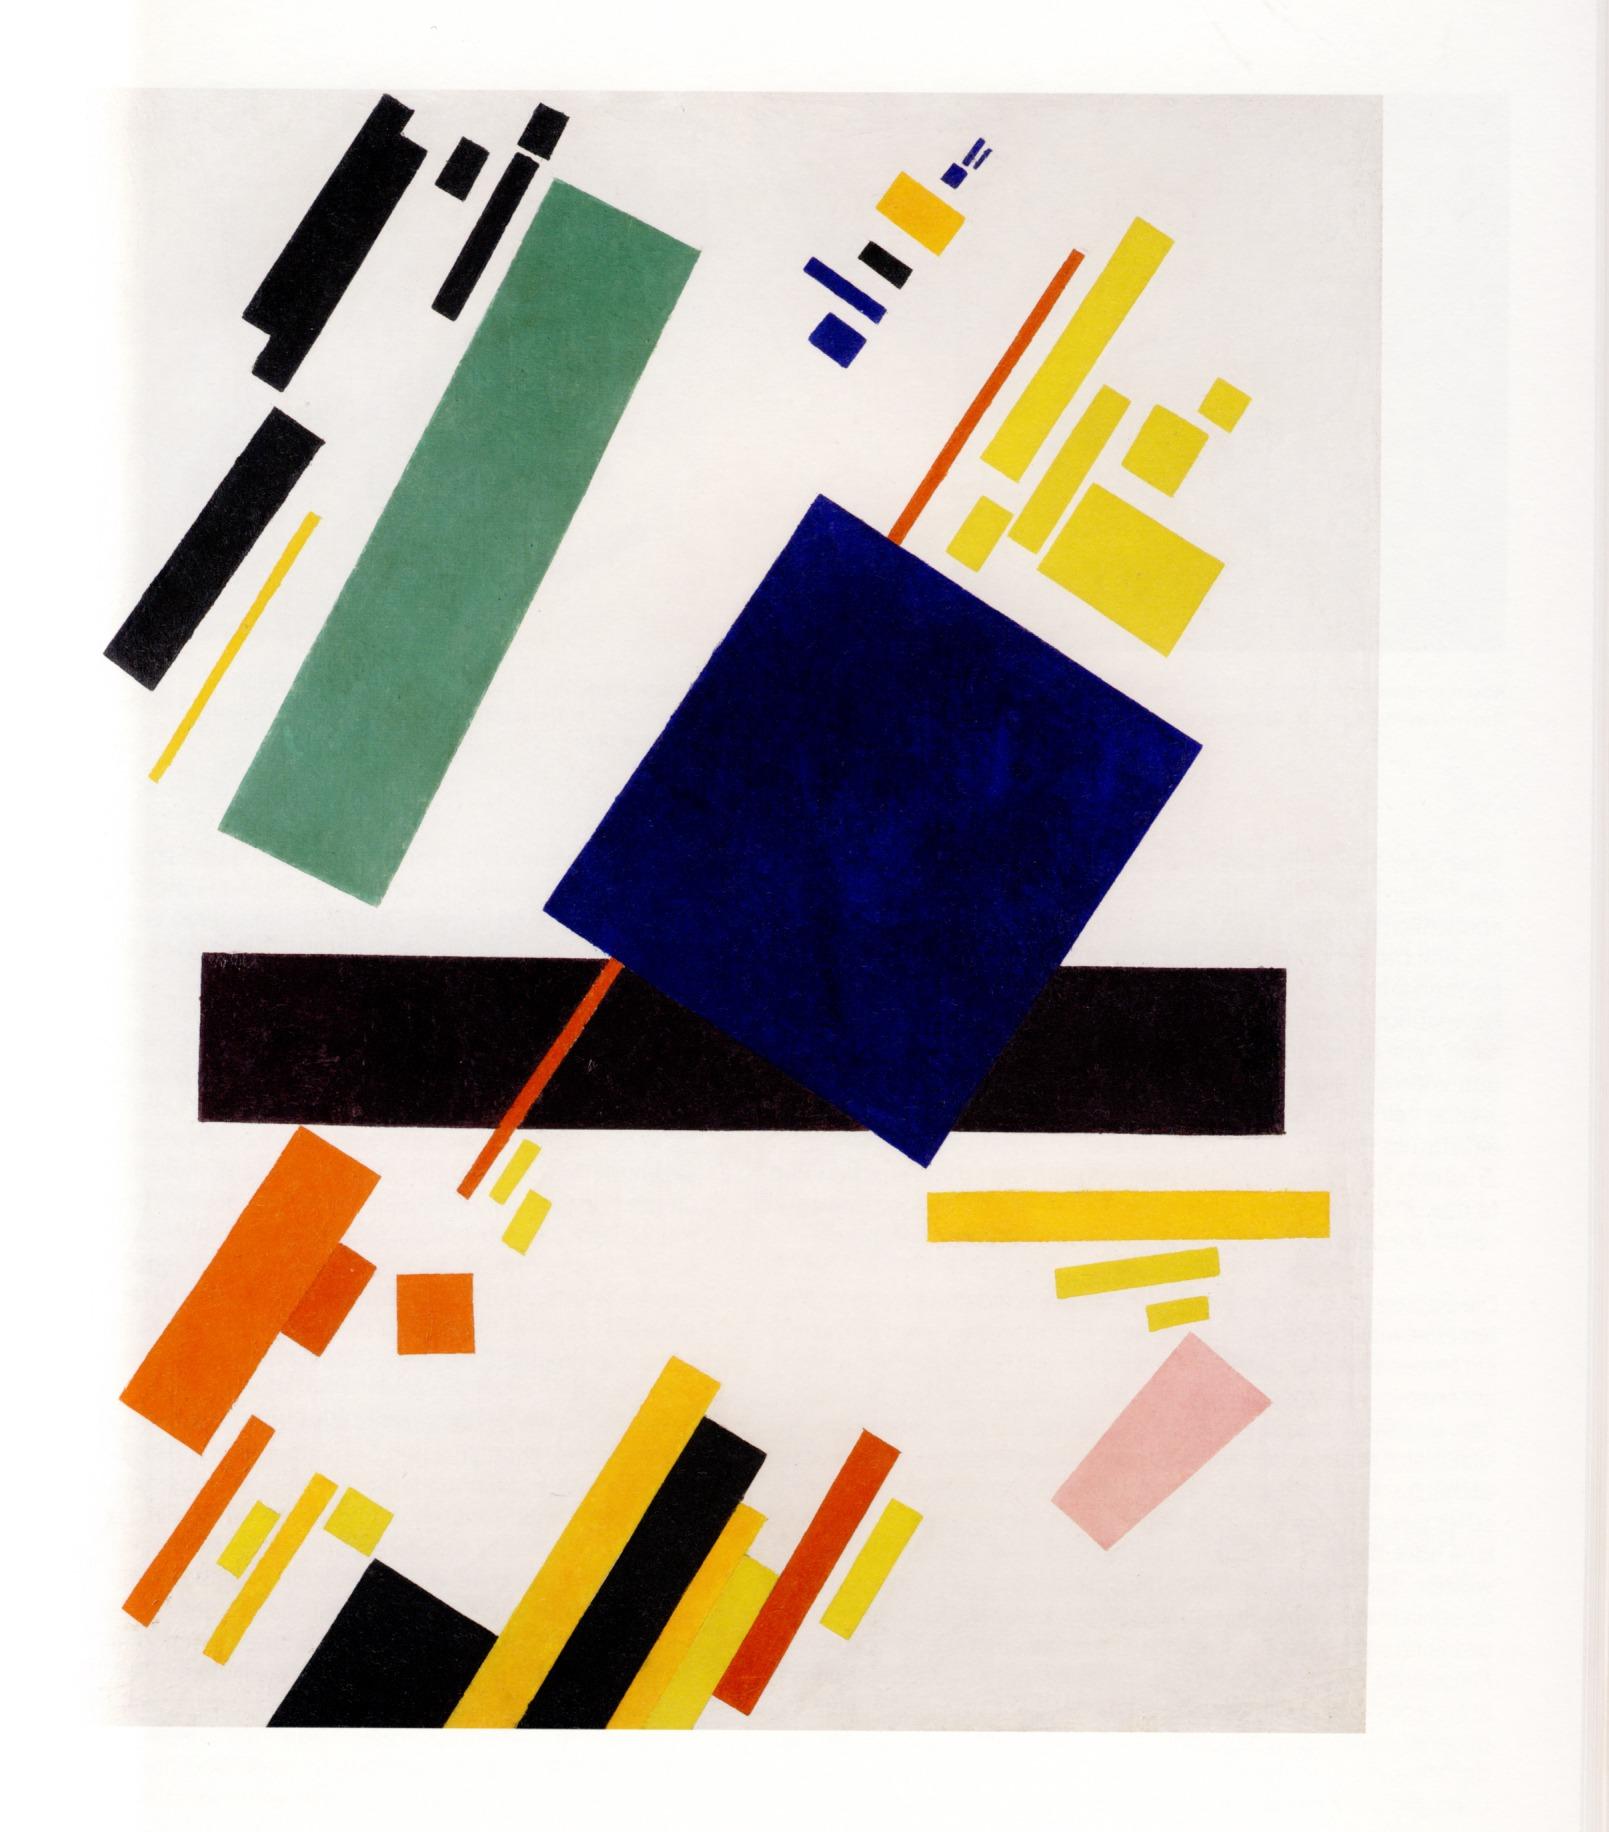 Malewitsch Kasimir, 1916, Suprematist Composition, Öl auf Lw., 88,5 x 71 cm